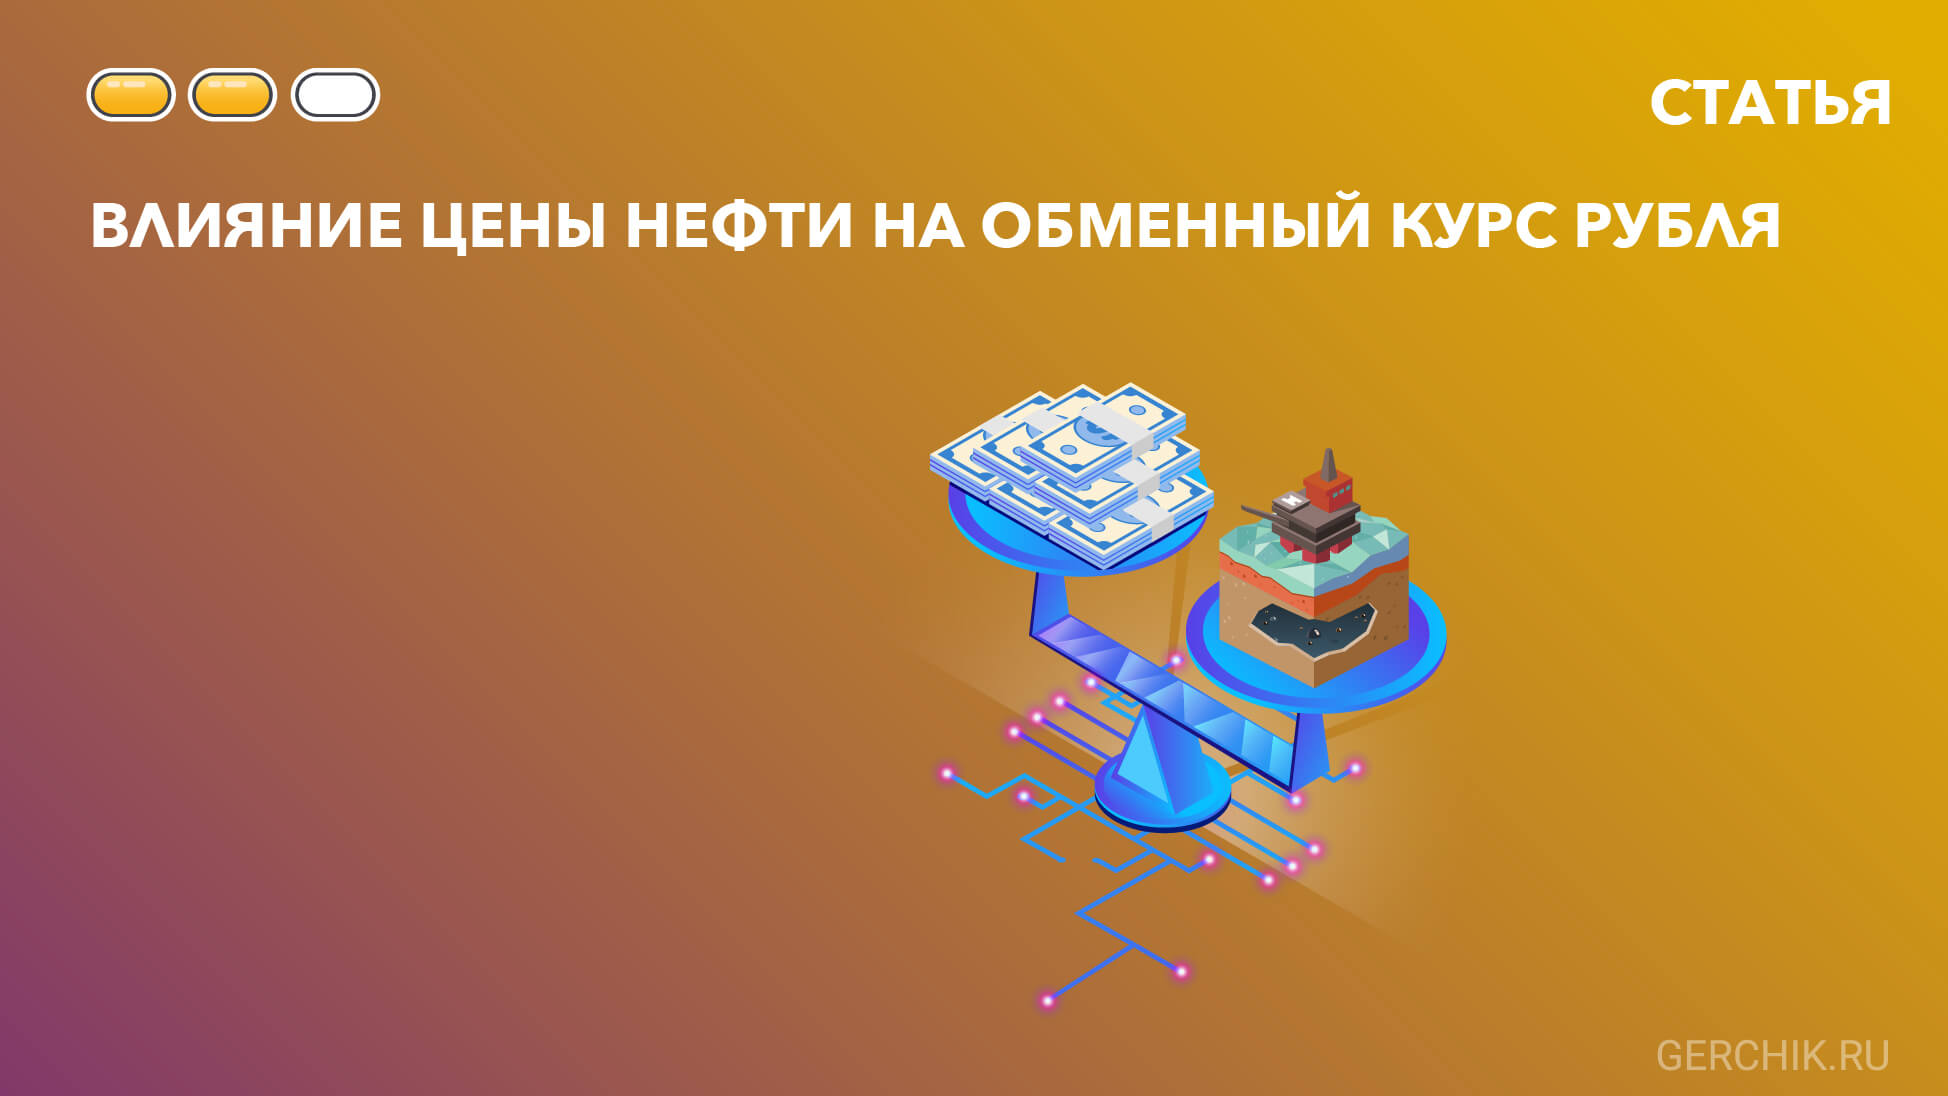 vliyanie-seni-na-neft-na-obmenniy-kurs-rublya